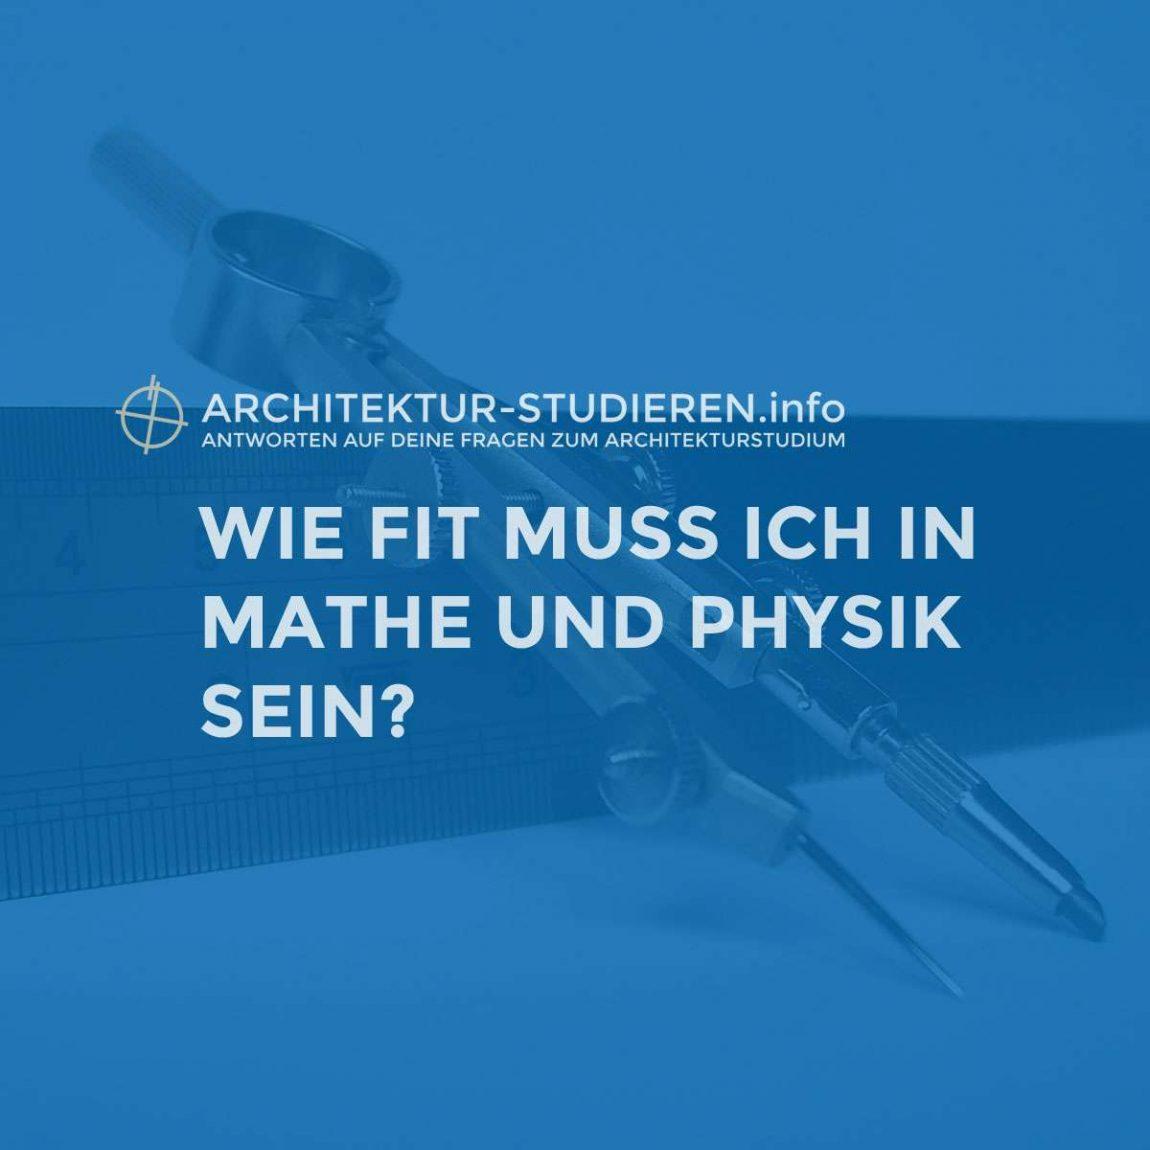 Wie gut muss man für das Architekturstudium in Mathe und Physik sein? | © Architektur-studieren.info